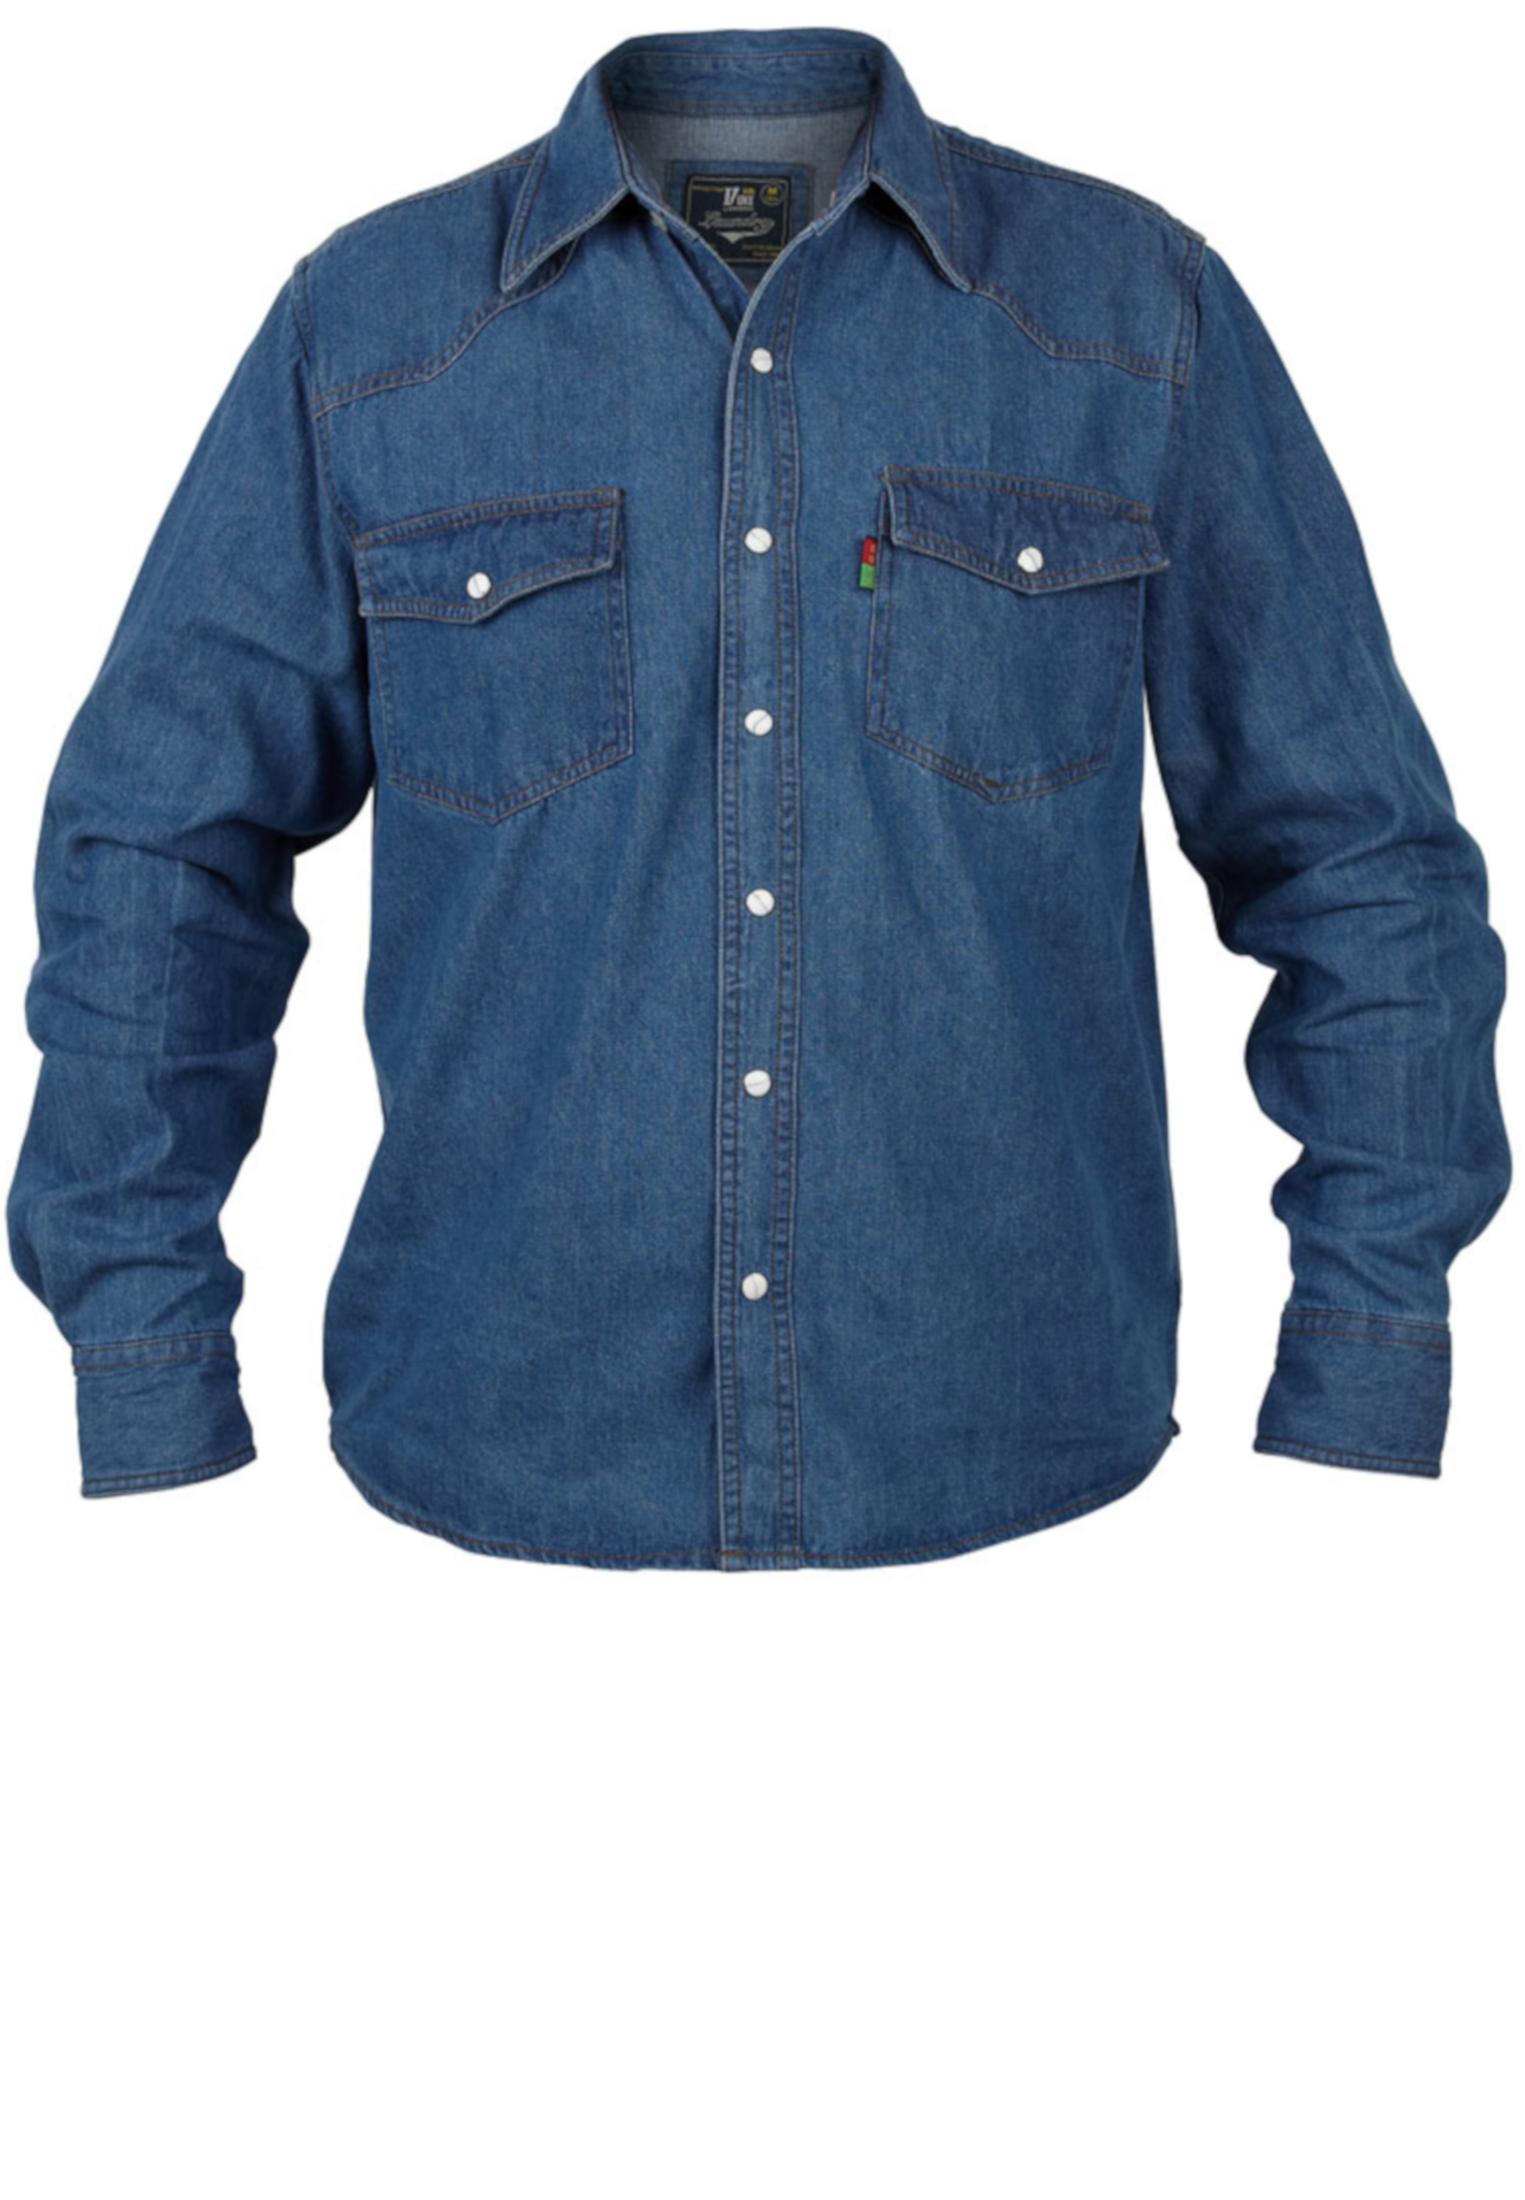 Effen denim overhemd van Duke London in western style met een klassieke kraag, 2 met drukknoop afsluitbare borstzakken.